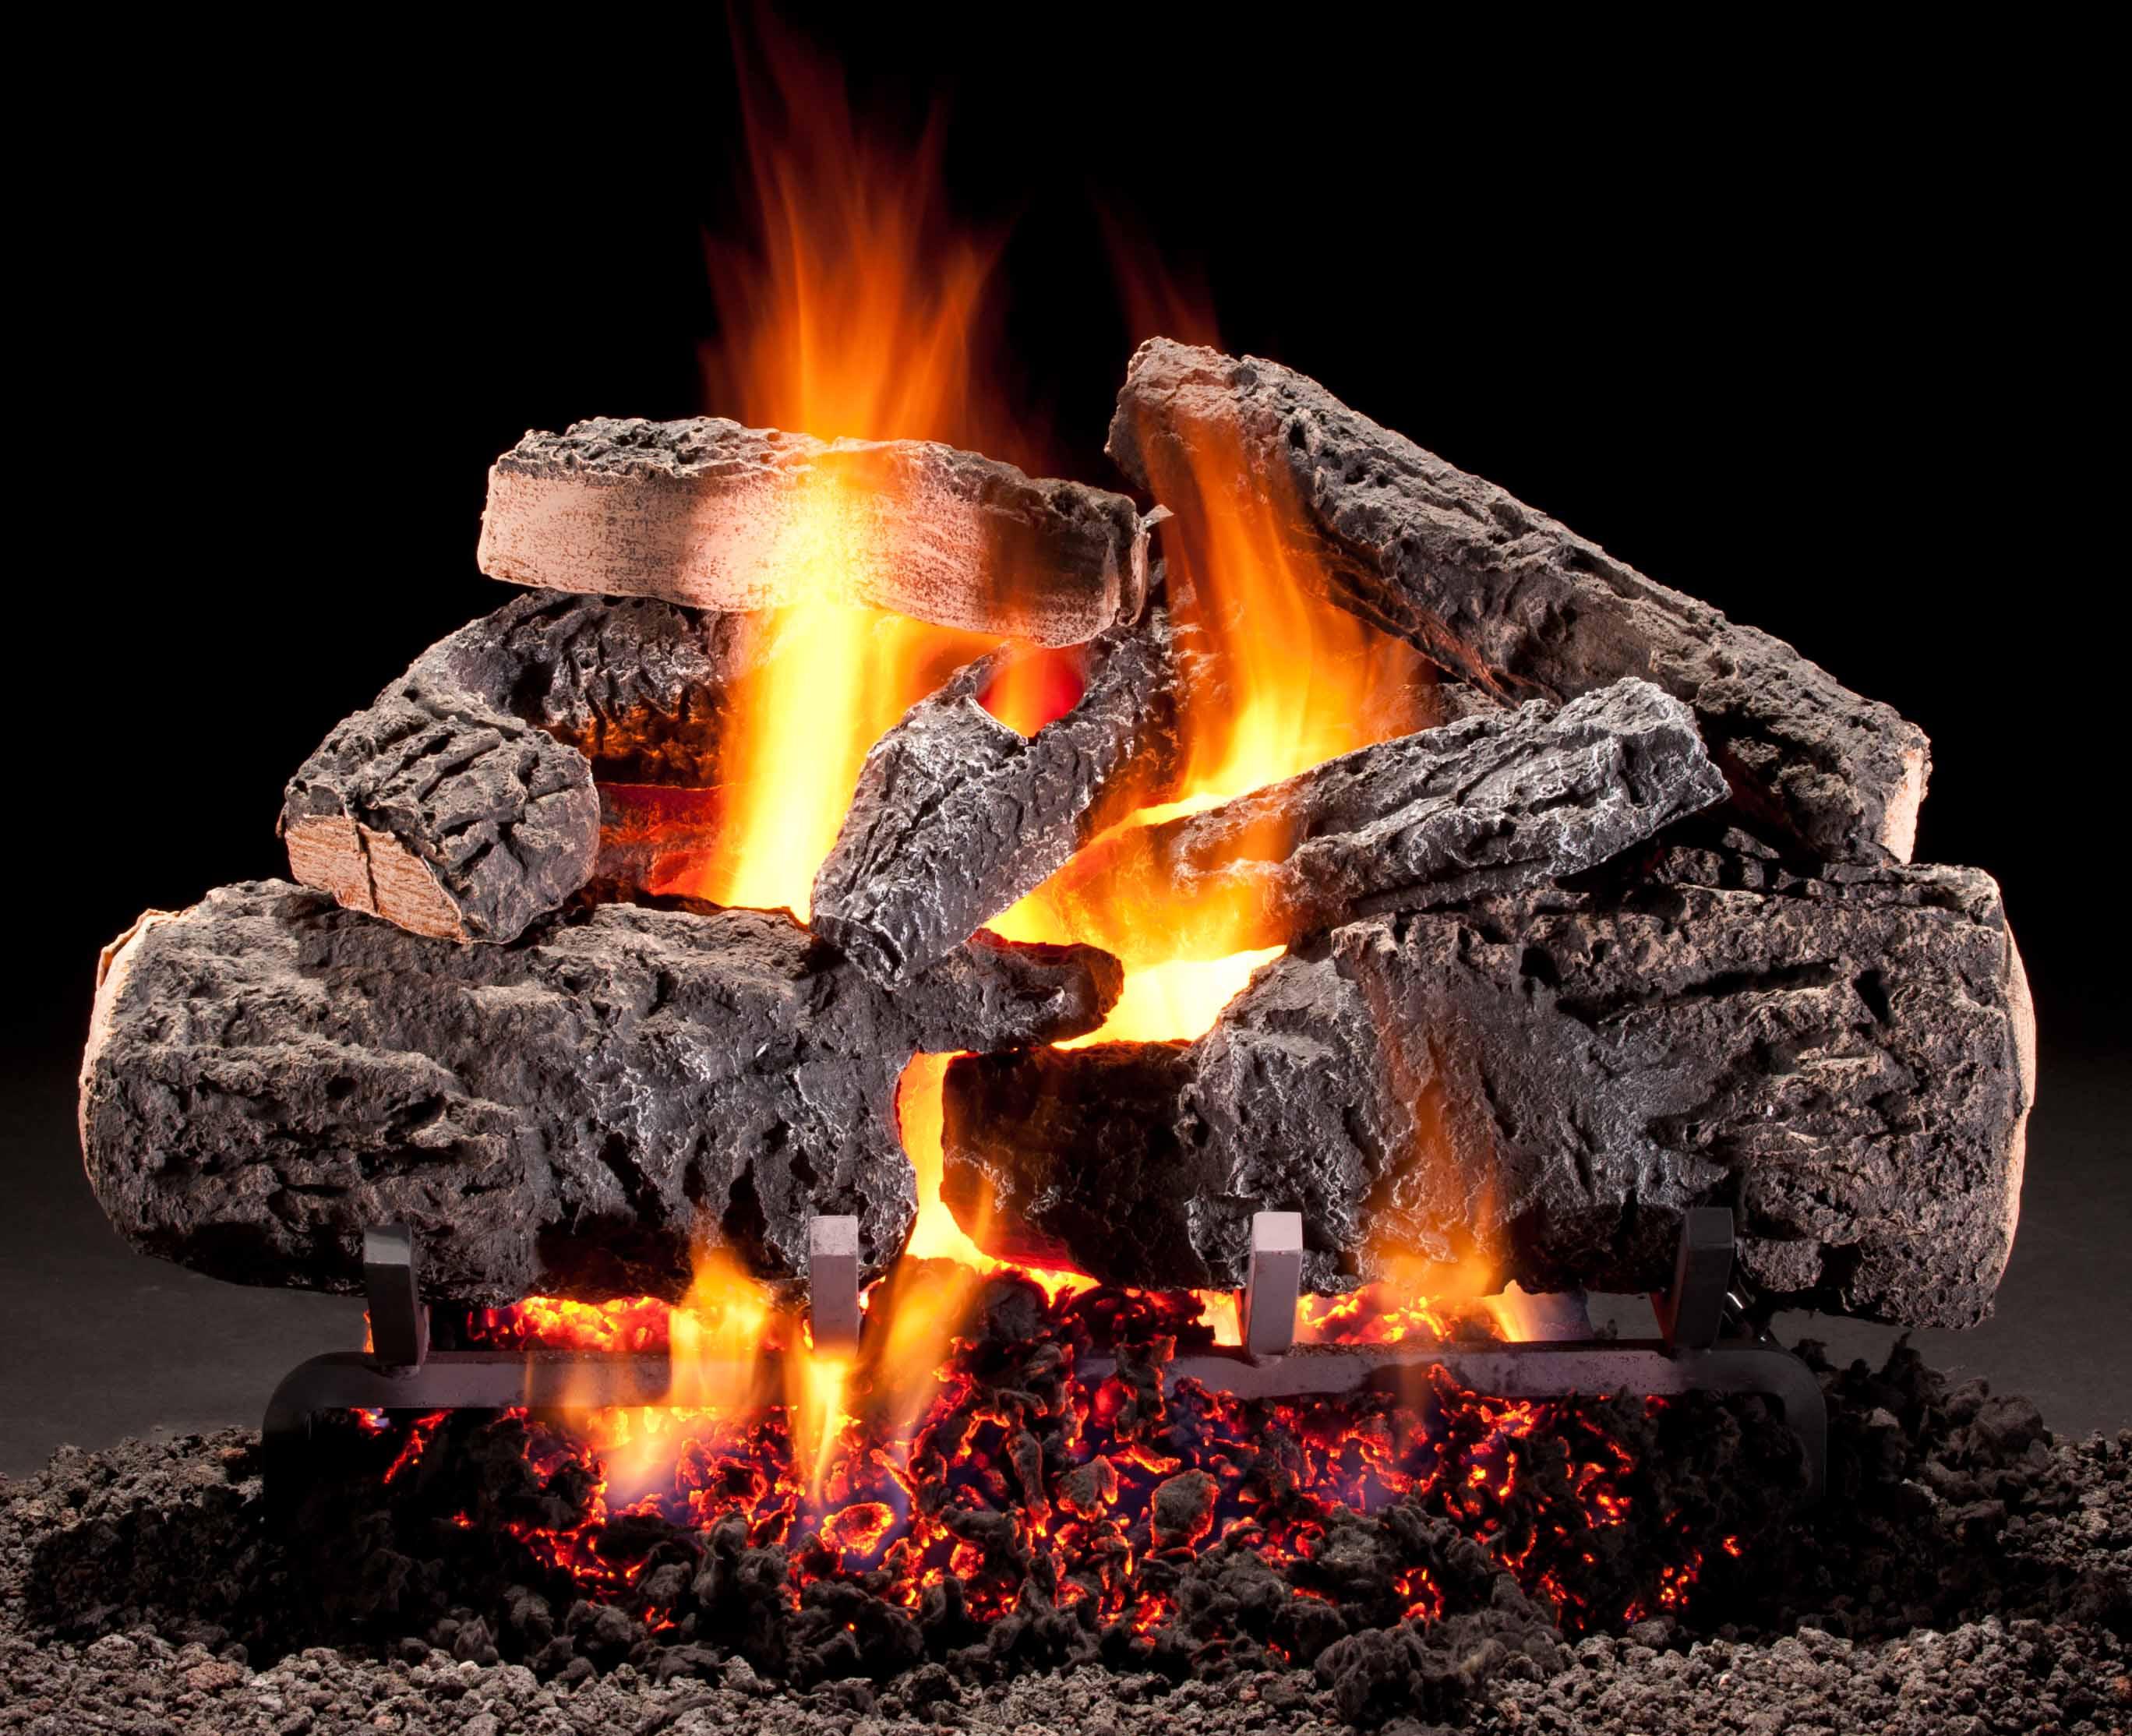 Gas LogsPellet Fuel  Builders Materials